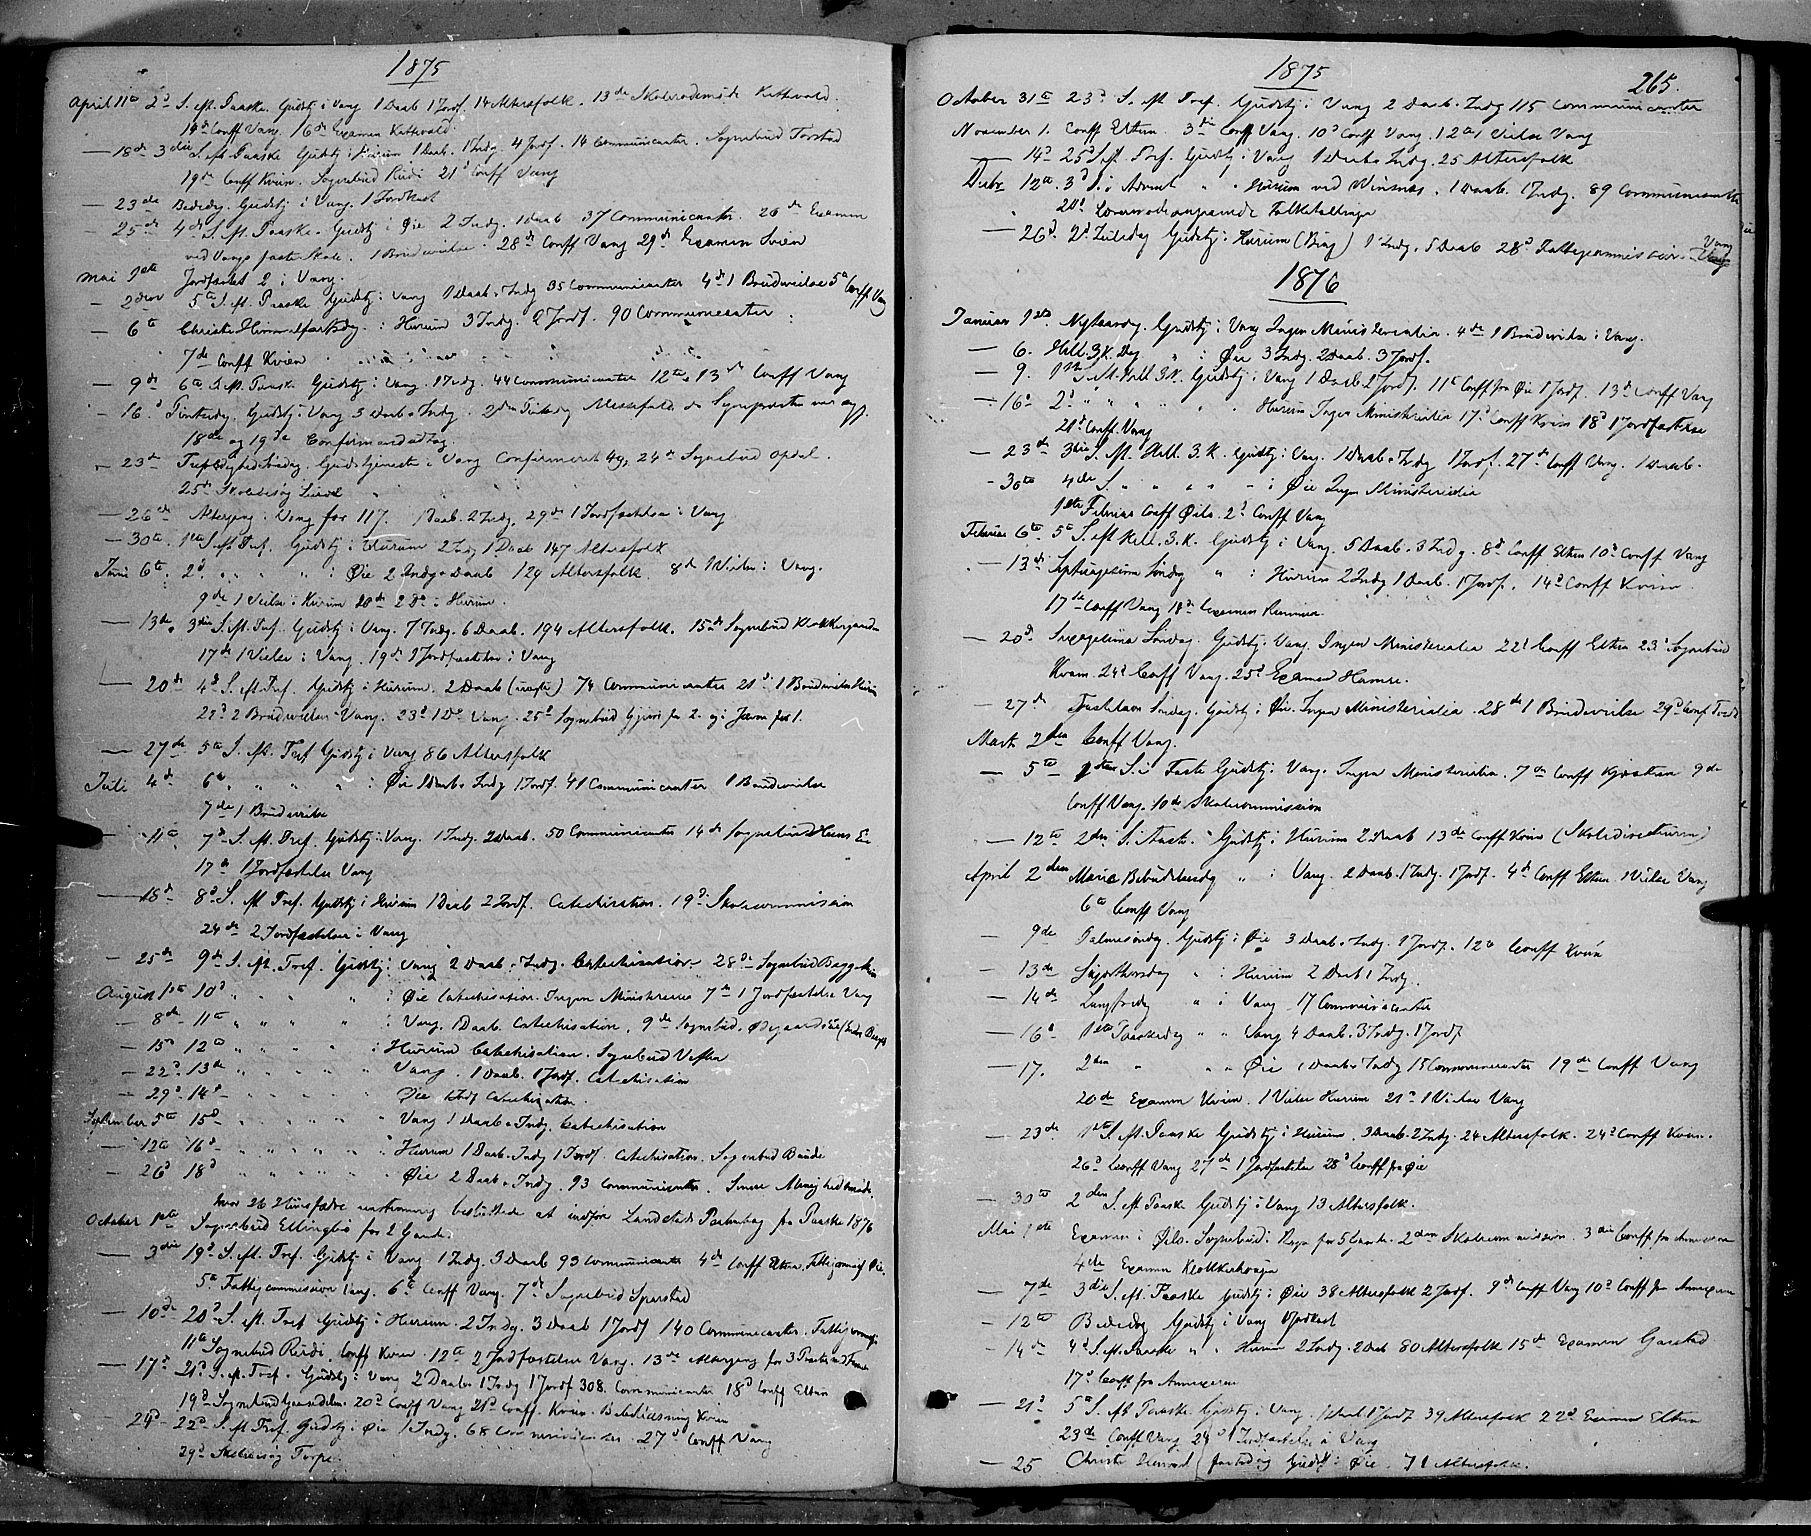 SAH, Vang prestekontor, Valdres, Ministerialbok nr. 7, 1865-1881, s. 265